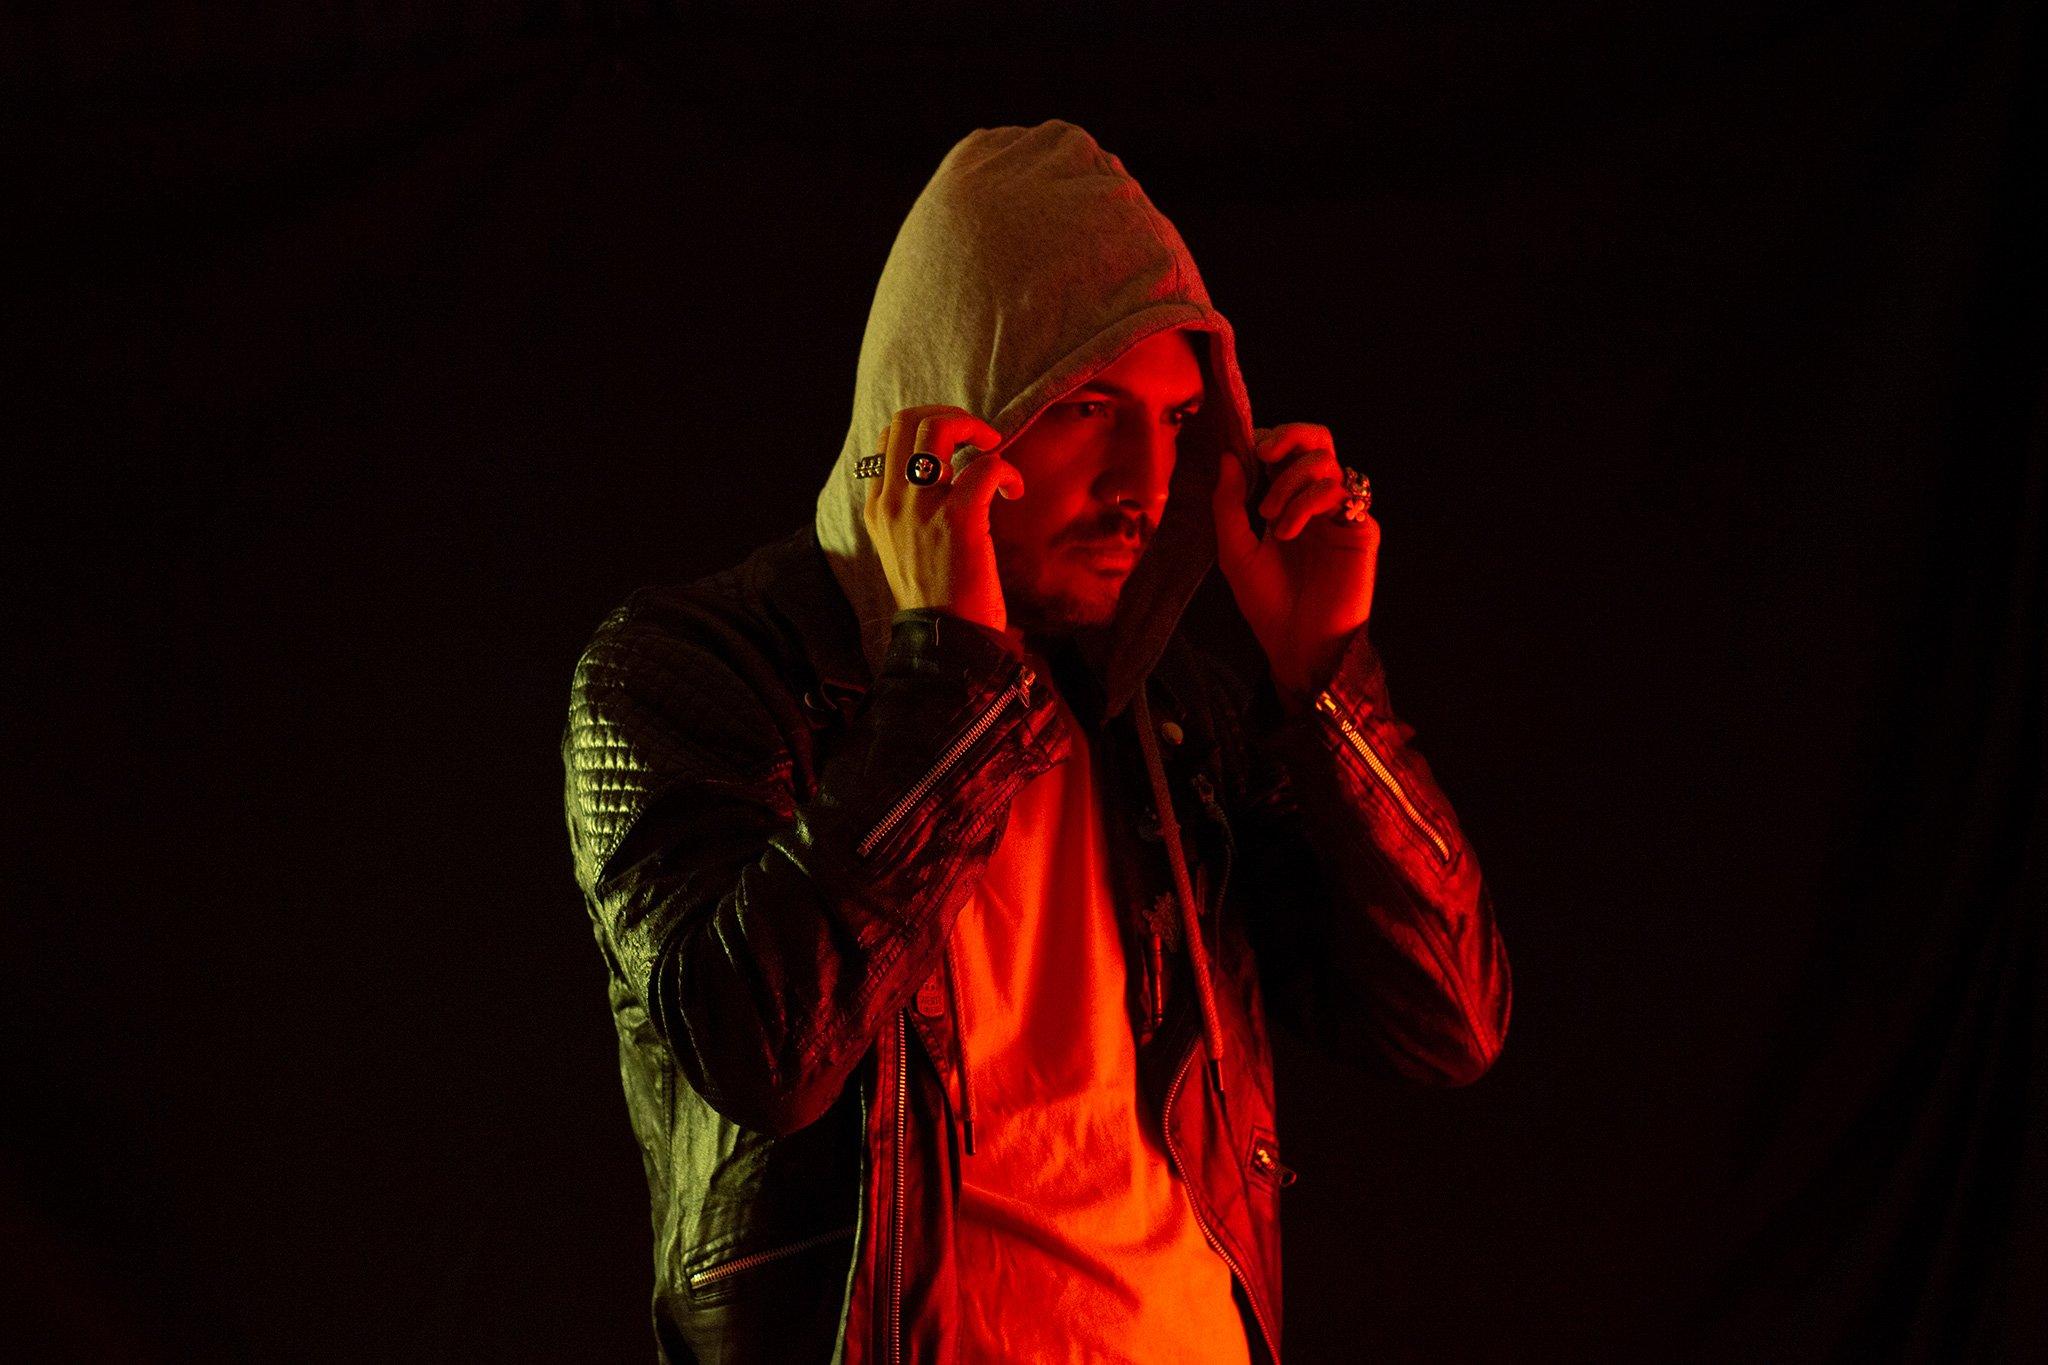 Moshtaza, el proyecto colombiano que mezcla elementos rock, punk, EDM y rap - Moshtaza-1